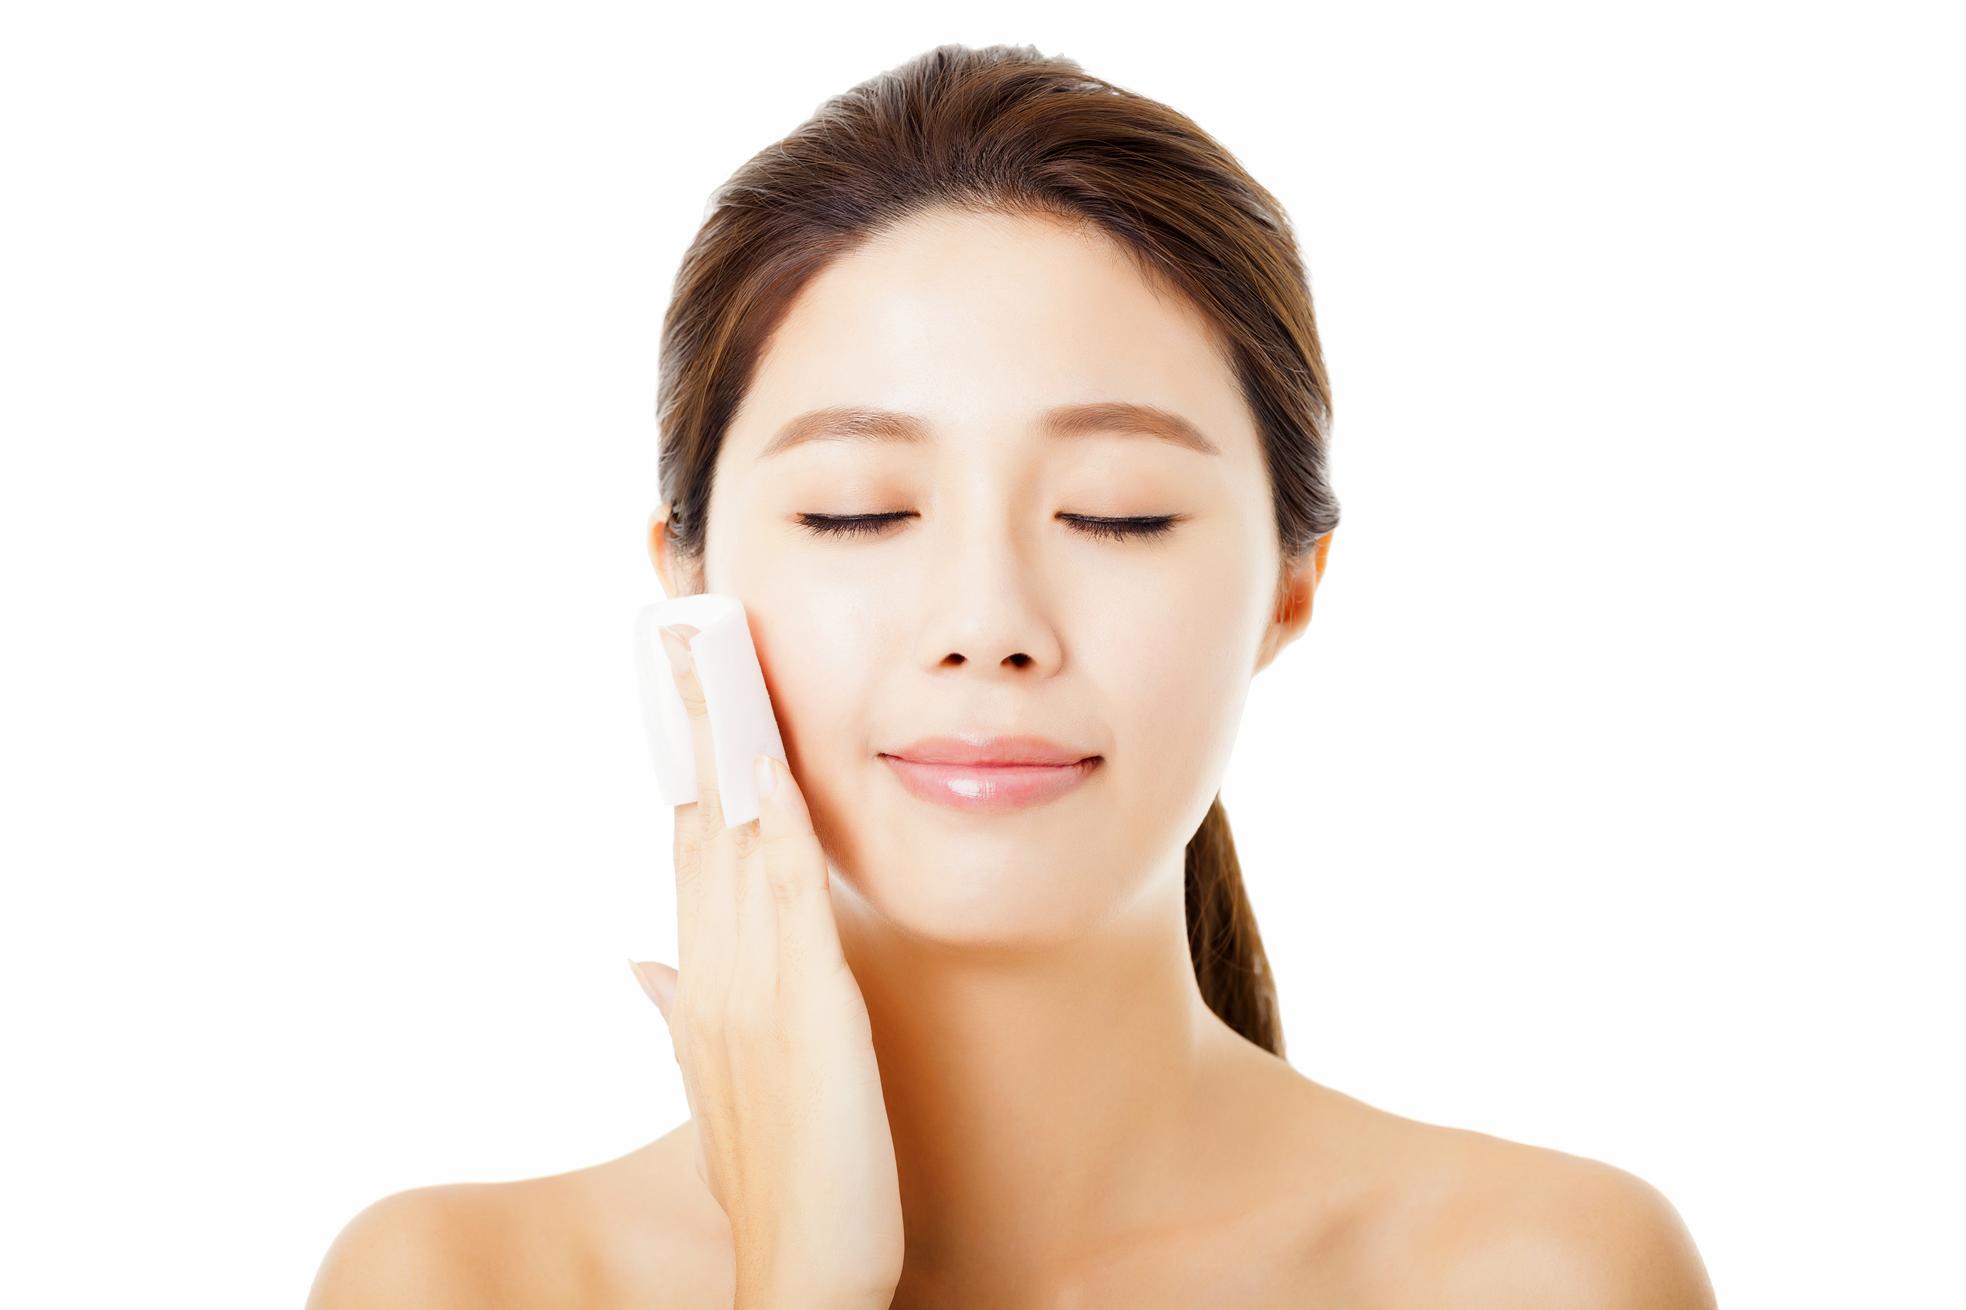 Mutlaka Denemeniz Gereken 10 Kore Kozmetik Ürünü